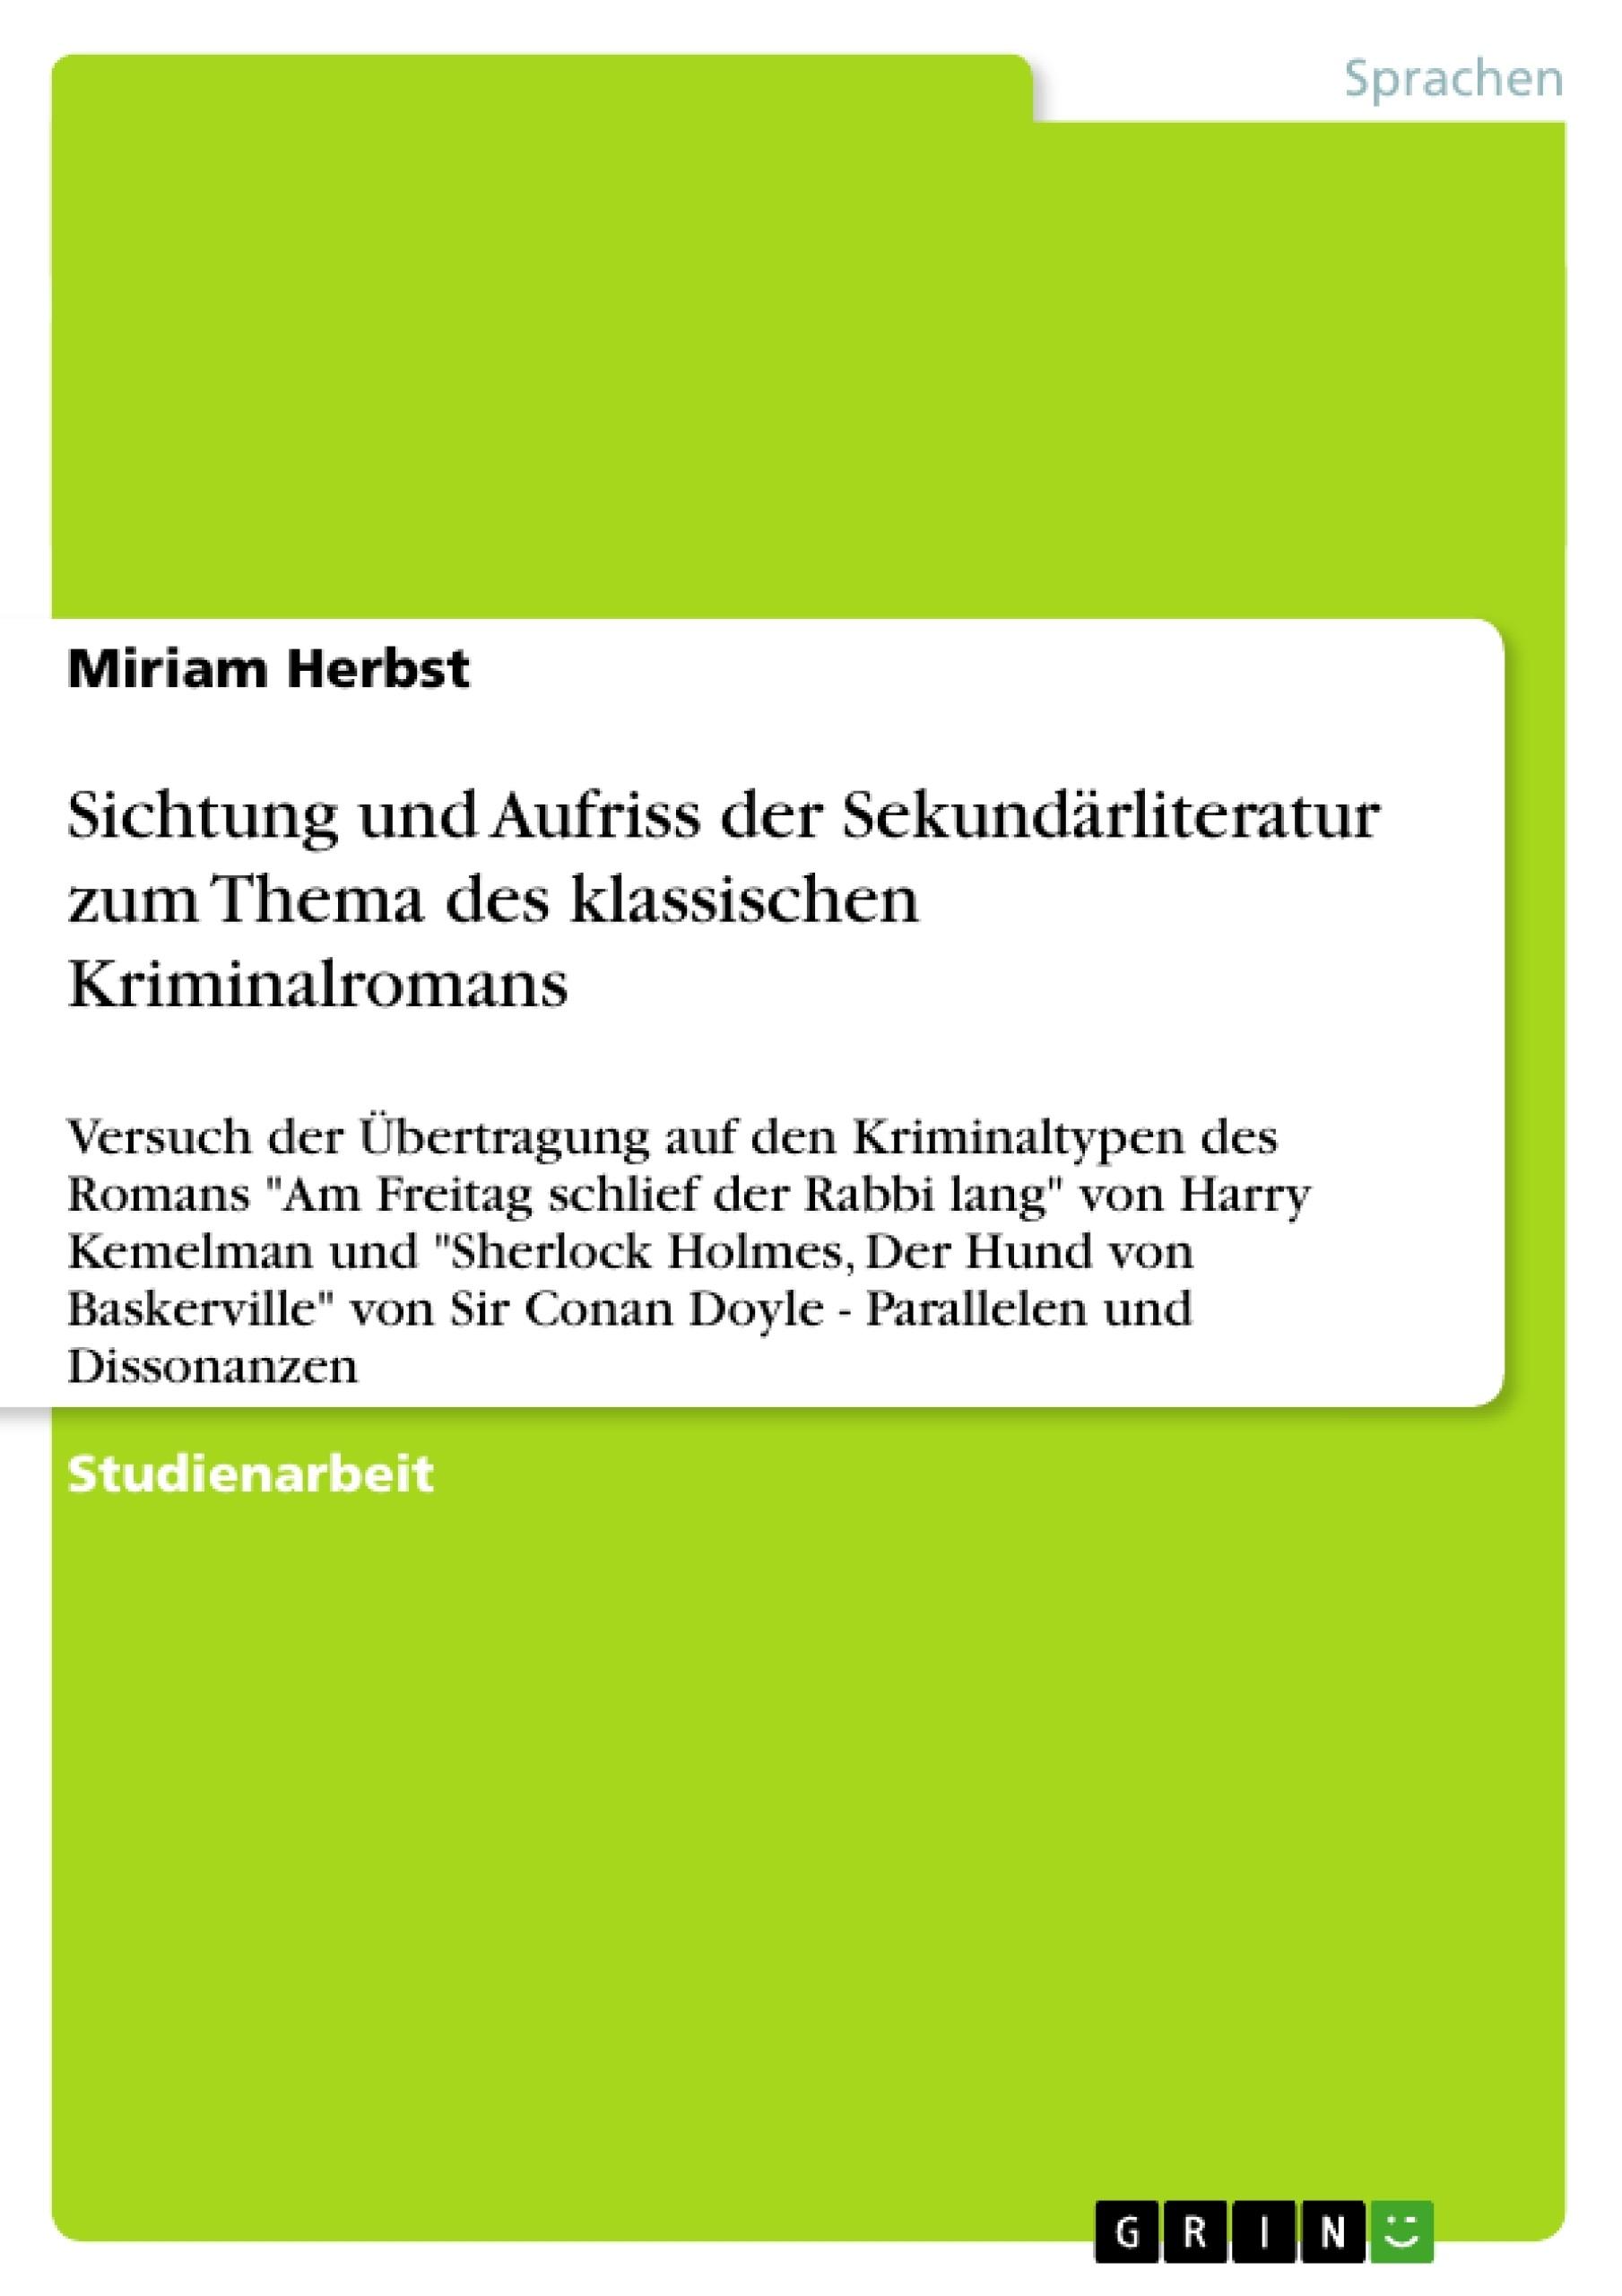 Titel: Sichtung und Aufriss der Sekundärliteratur zum Thema des klassischen Kriminalromans